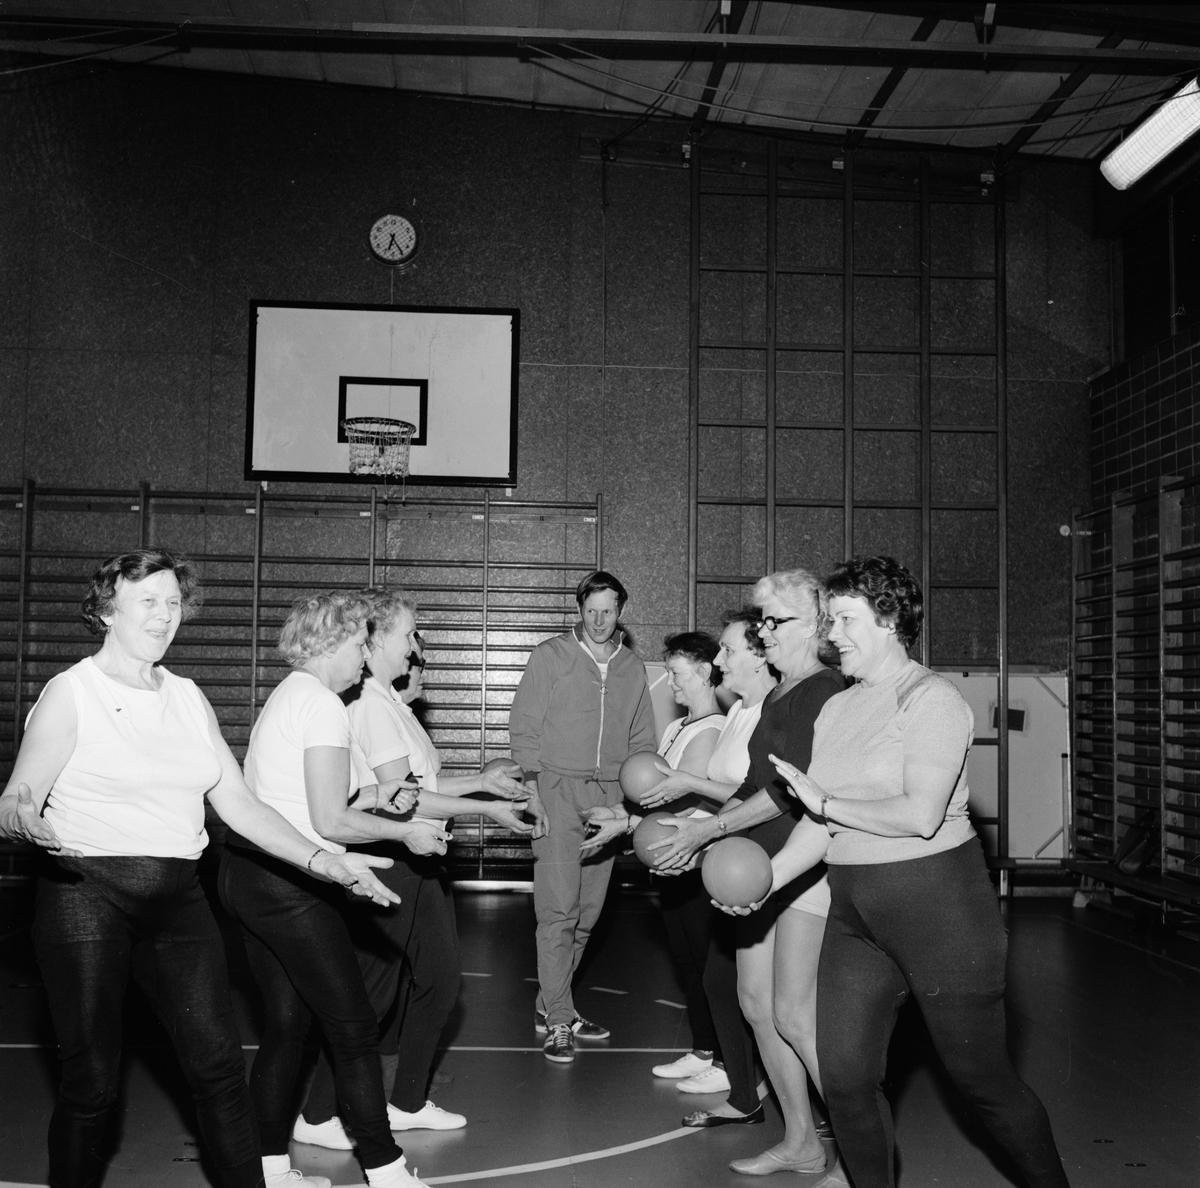 Pausgymnastik för pensionärer, sannolikt Tierpstrakten, Uppland december 1970